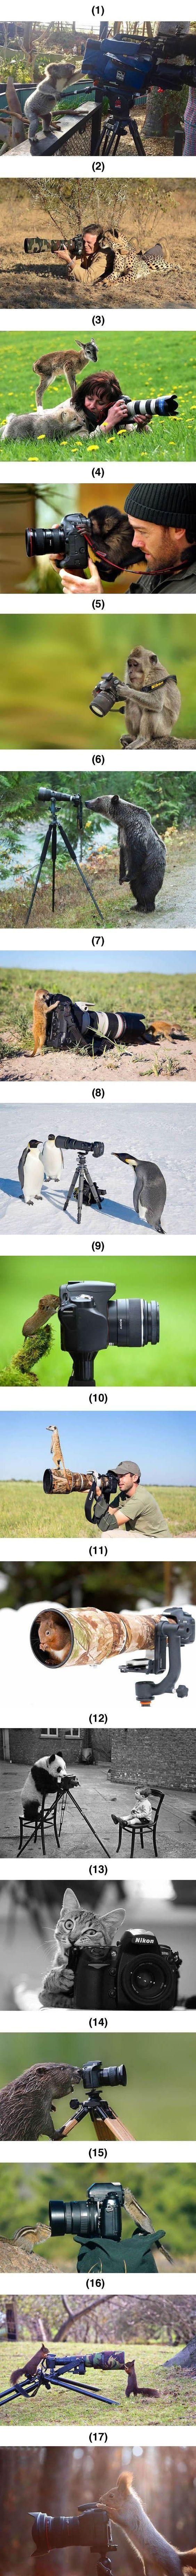 Tiere, die unbedingt Fotografen werden wollen